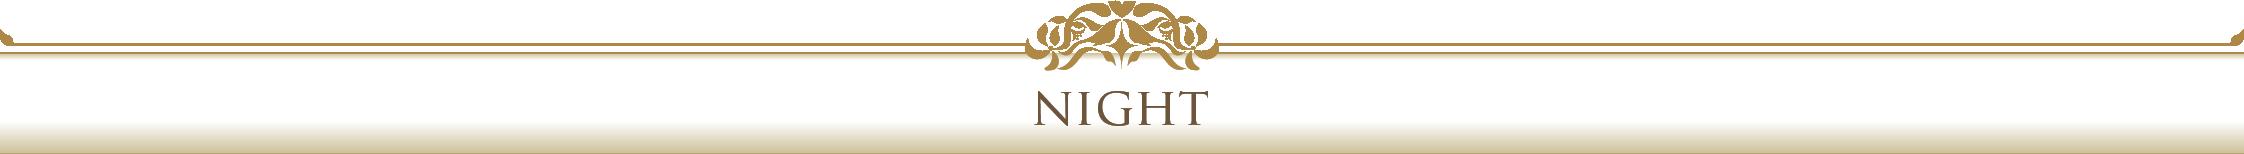 bar_night